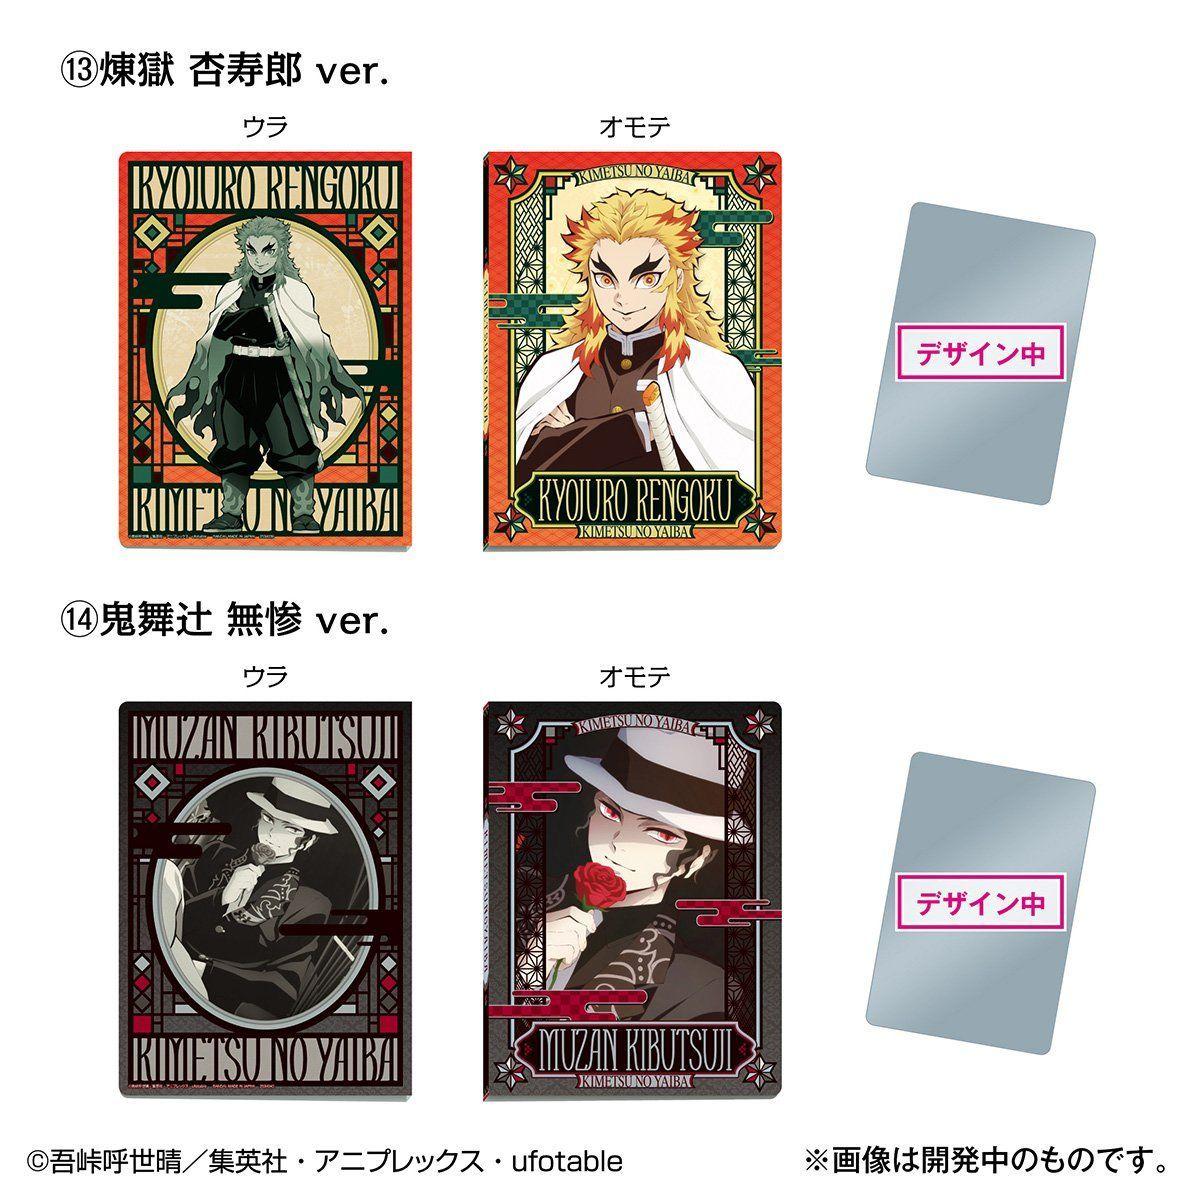 【限定販売】【食玩】『鬼滅の刃ウエハースカードファイル』全14種-009